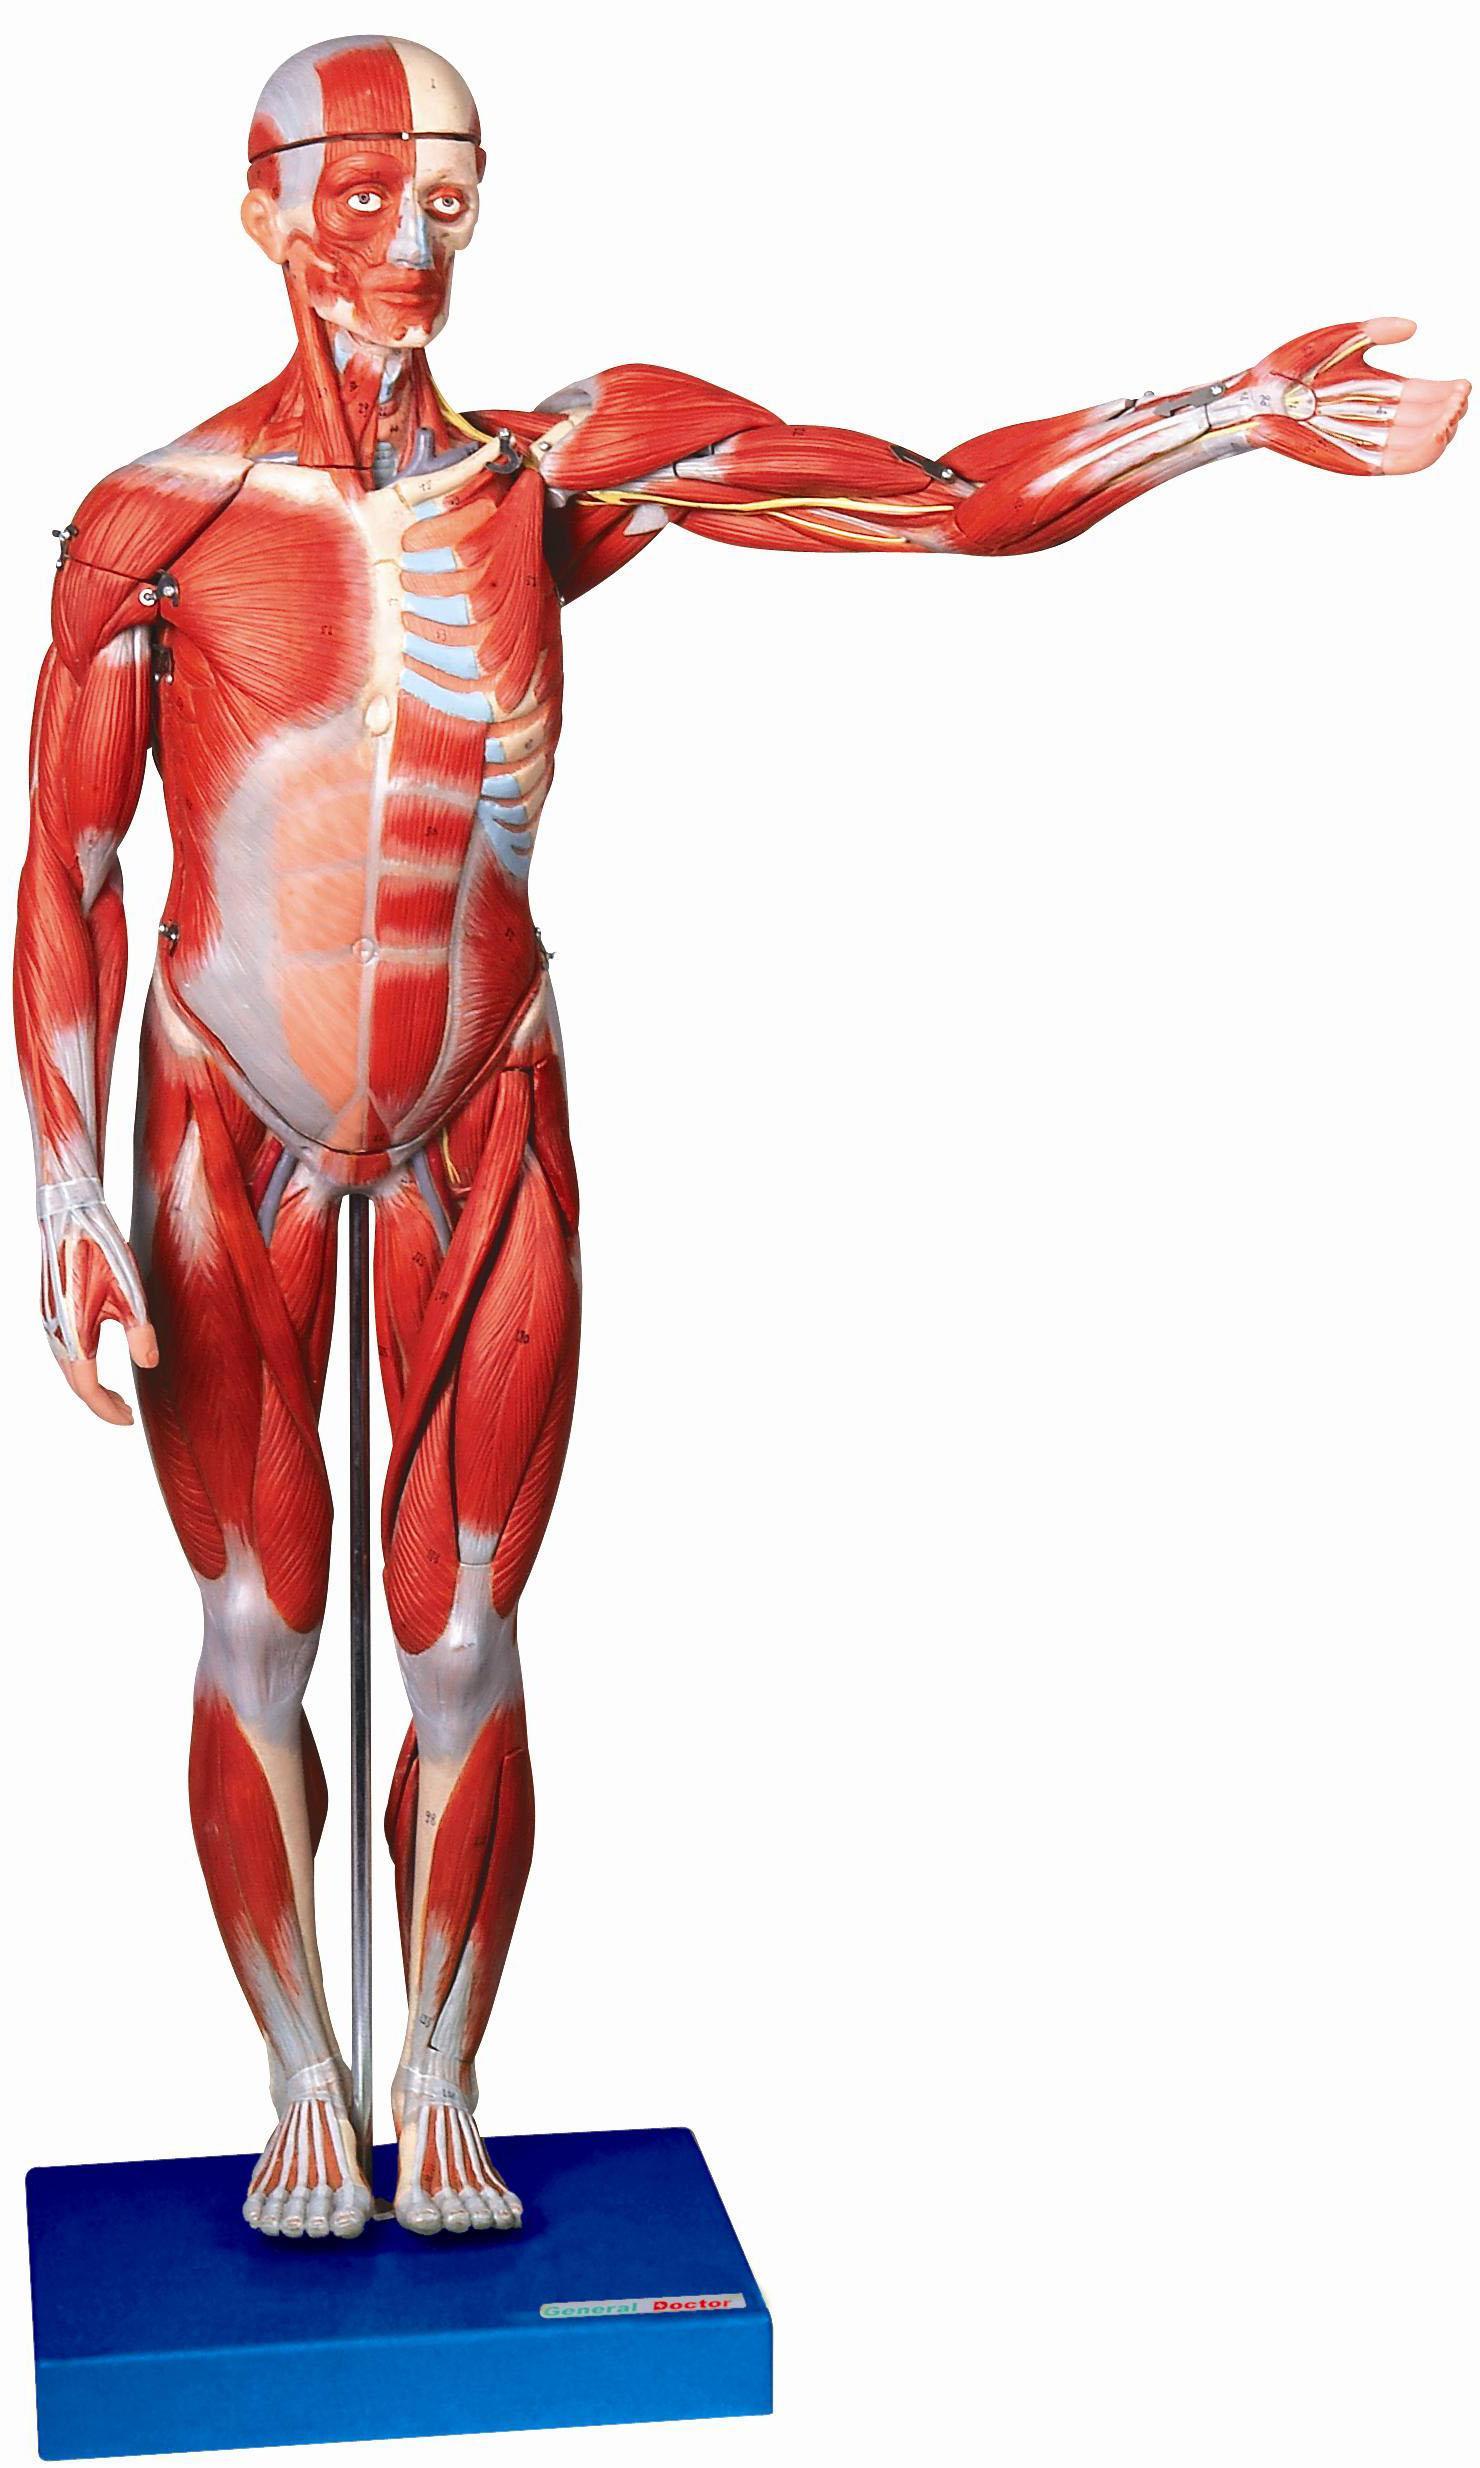 人体全身肌肉解剖模型(高78cm)A11302,人体解剖图